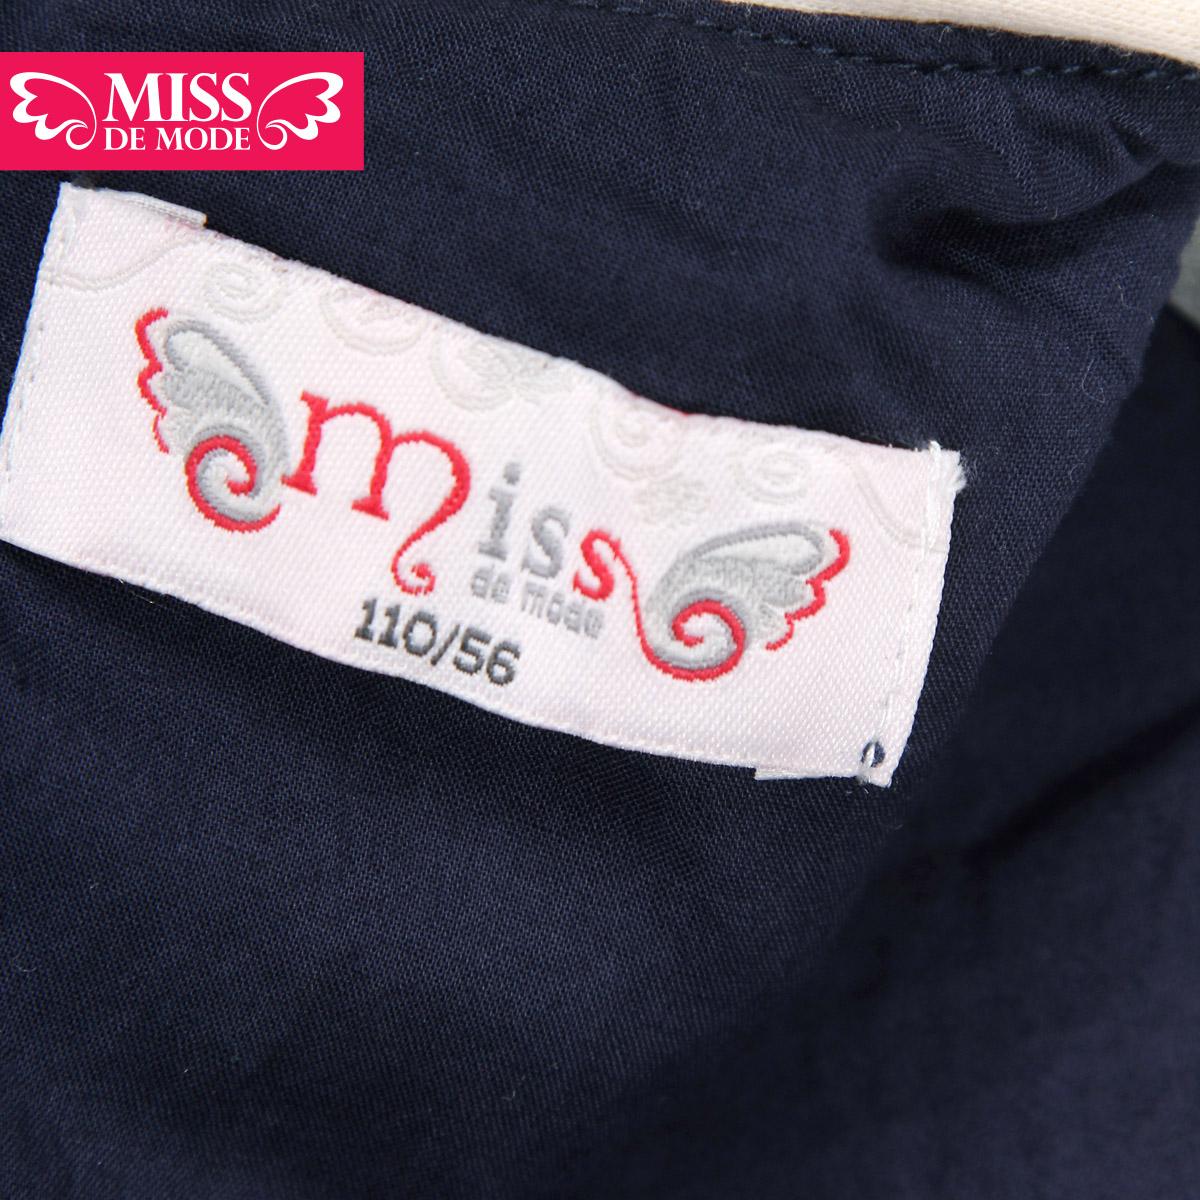 Семейные футболки Miss de mode qs20503956 2013 Miss de mode/Modern Miss Хлопок (95 и выше) Однотонный цвет % Разное